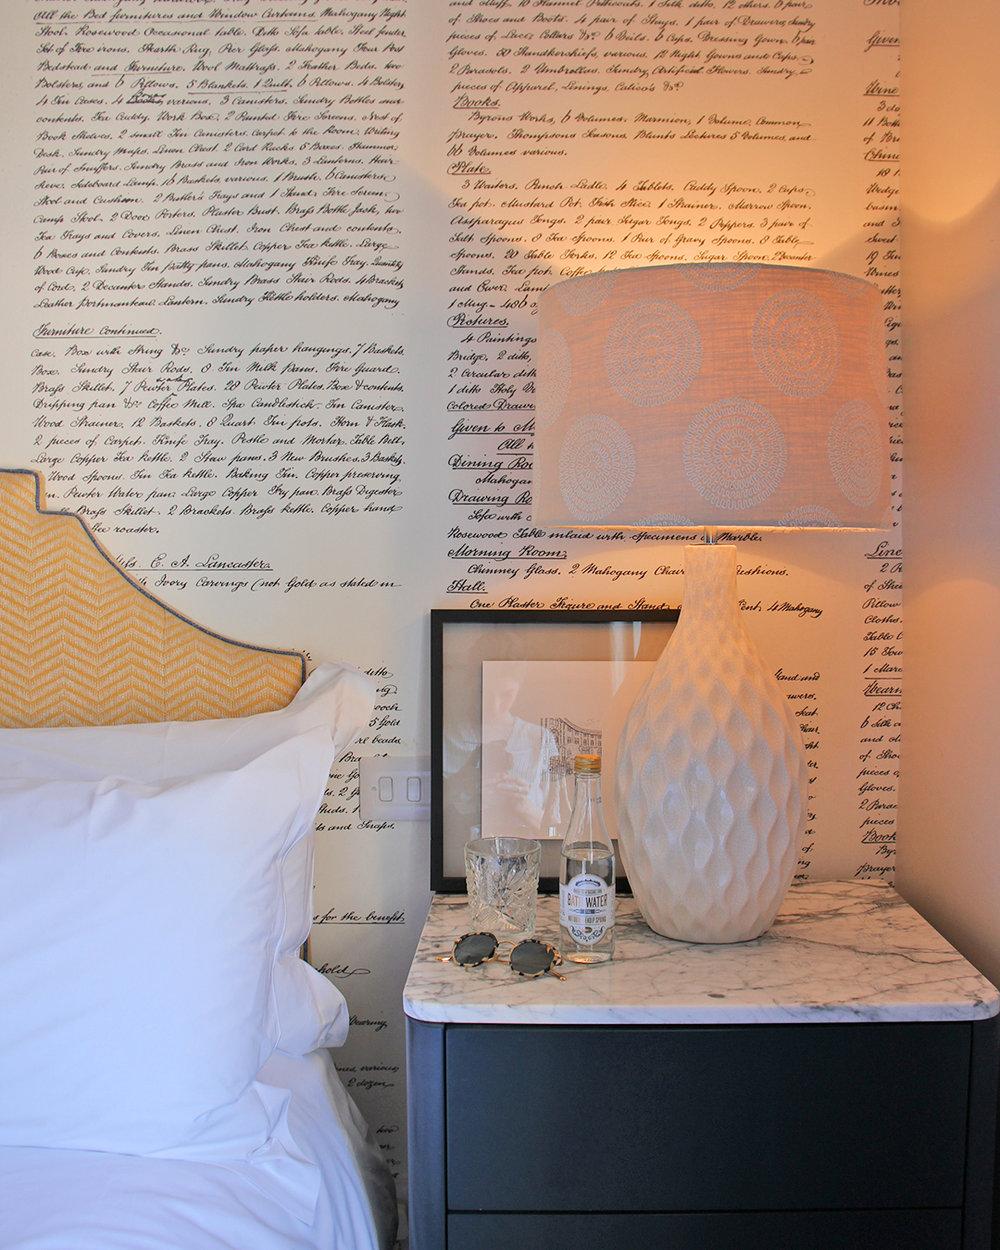 Bath-mini-break-staycation-no-15-great-pulteney -hotel-double-room-nancy-straughan.jpg